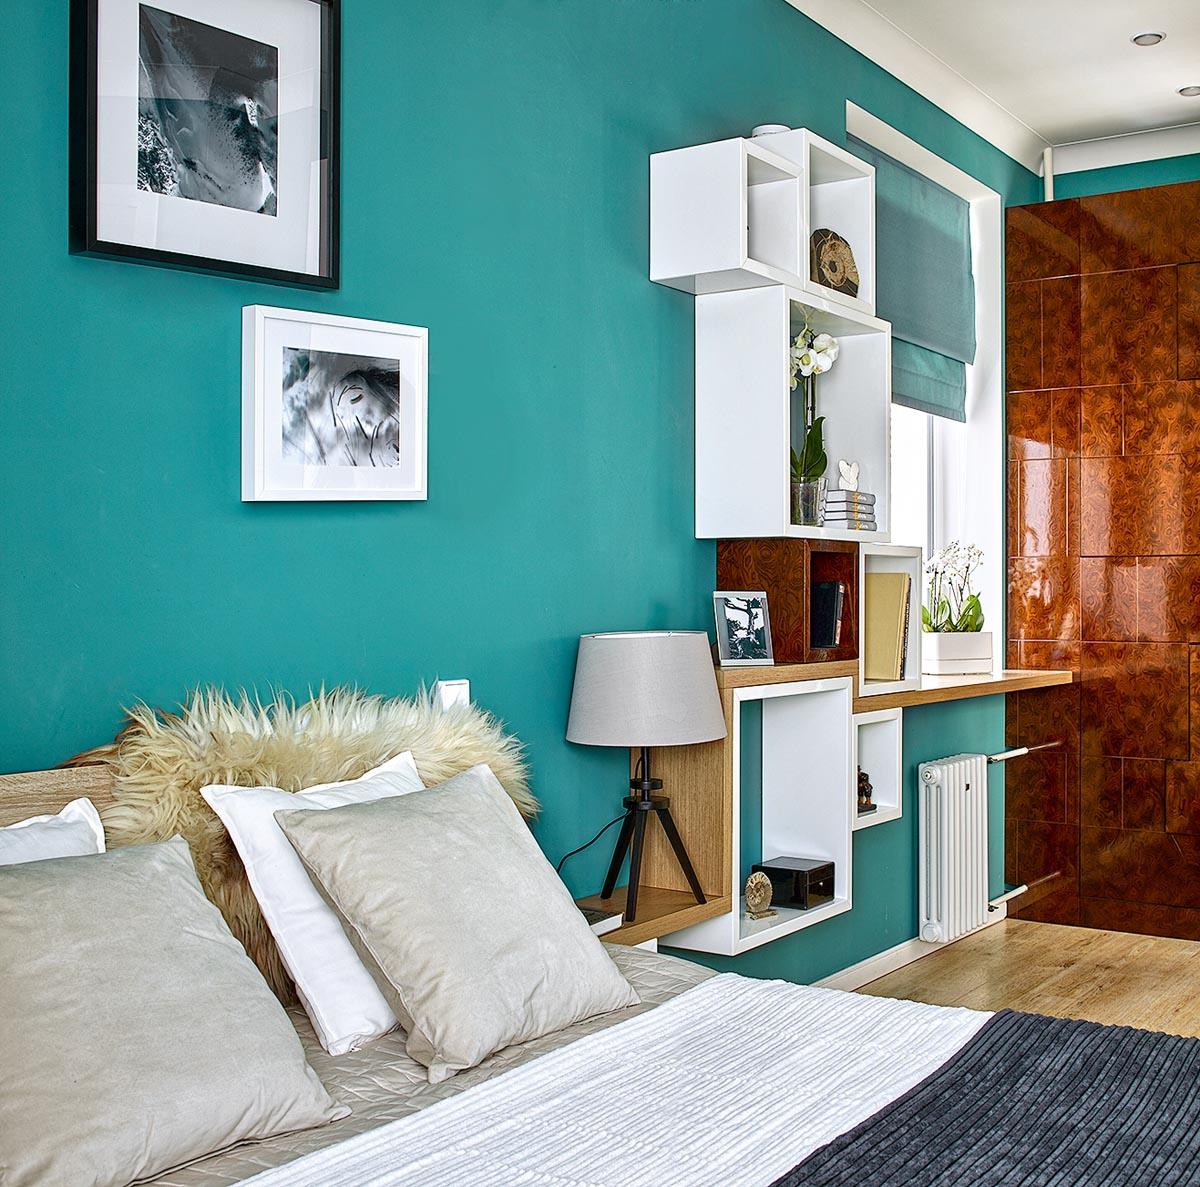 Как увеличить маленькую комнату, проверенные приемы дизайнеров